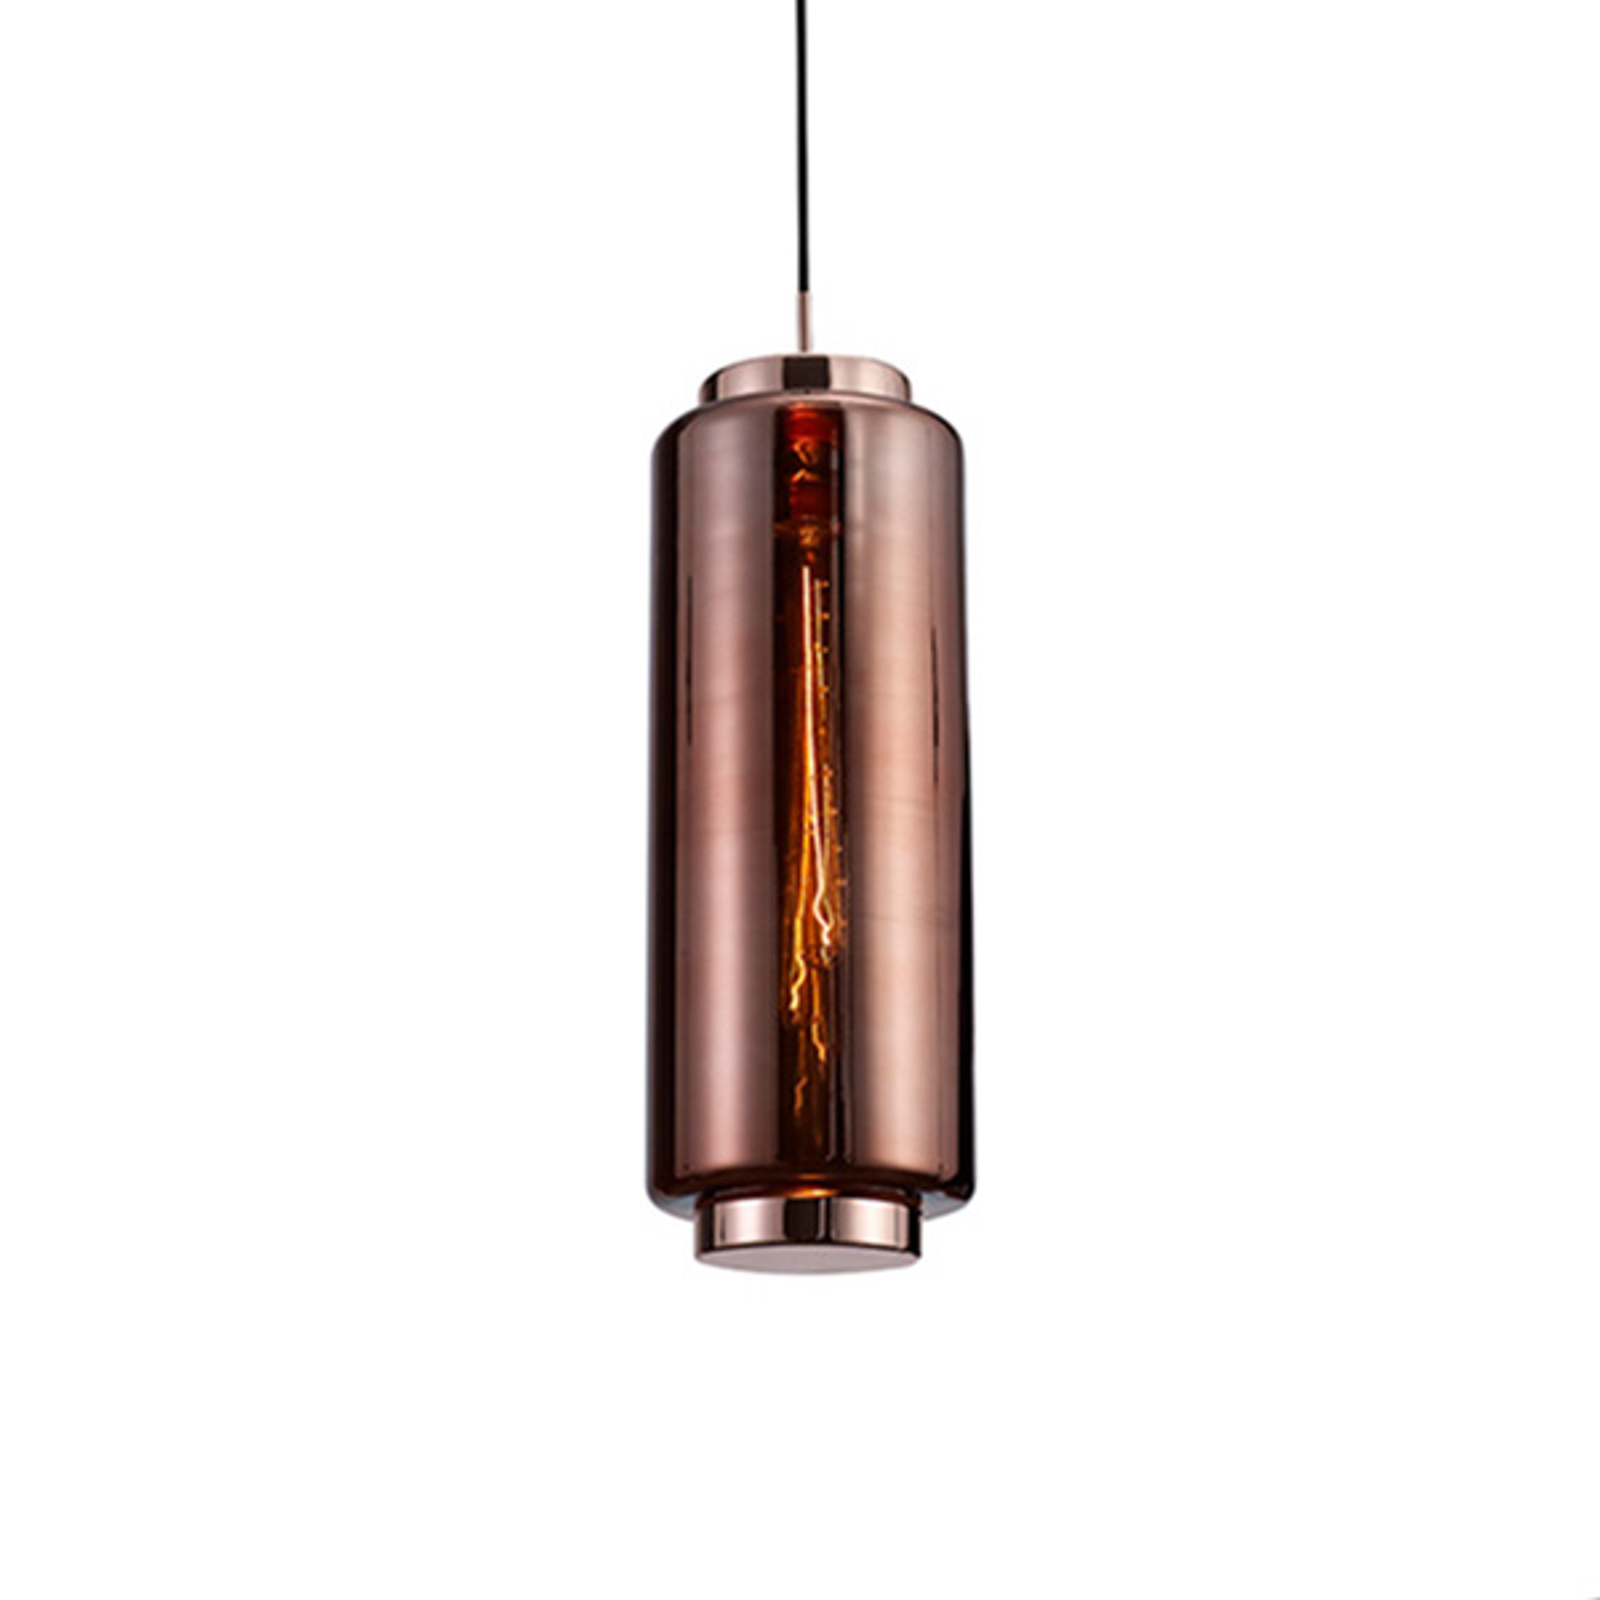 Suspension verre Jarras, hauteur 53,5cm, cuivre